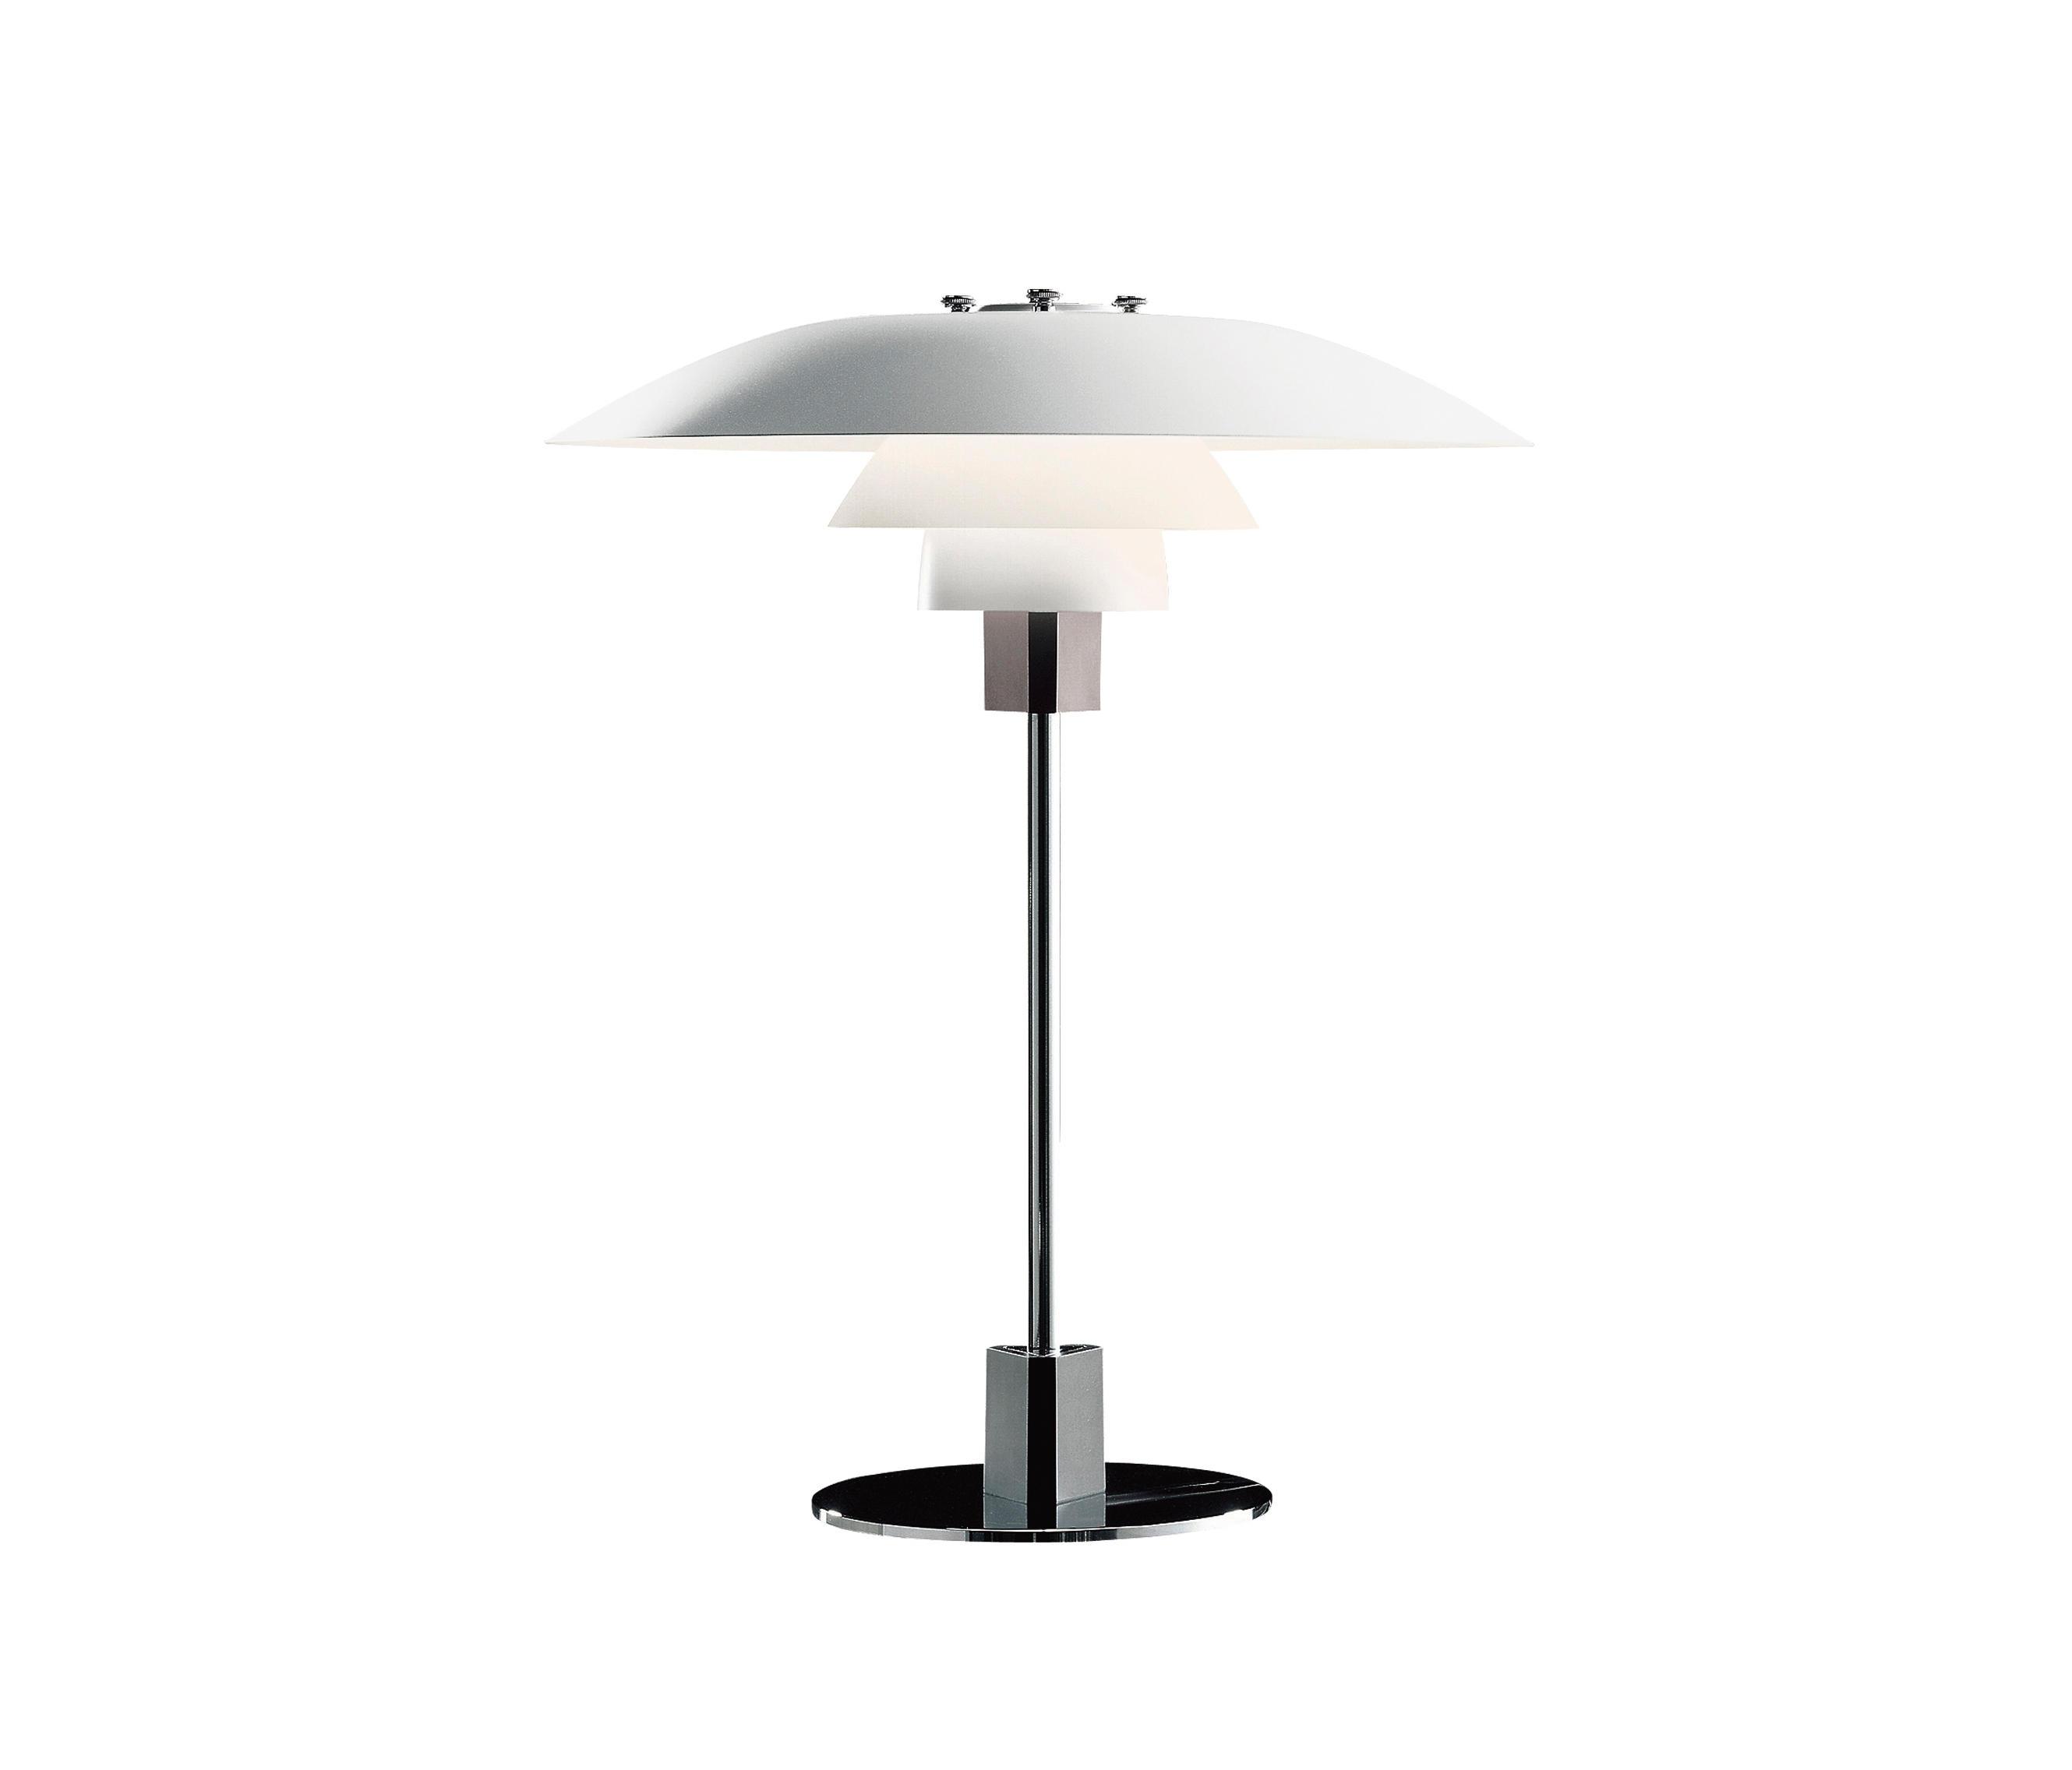 ph 4 3 tischleuchte allgemeinbeleuchtung von louis poulsen architonic. Black Bedroom Furniture Sets. Home Design Ideas